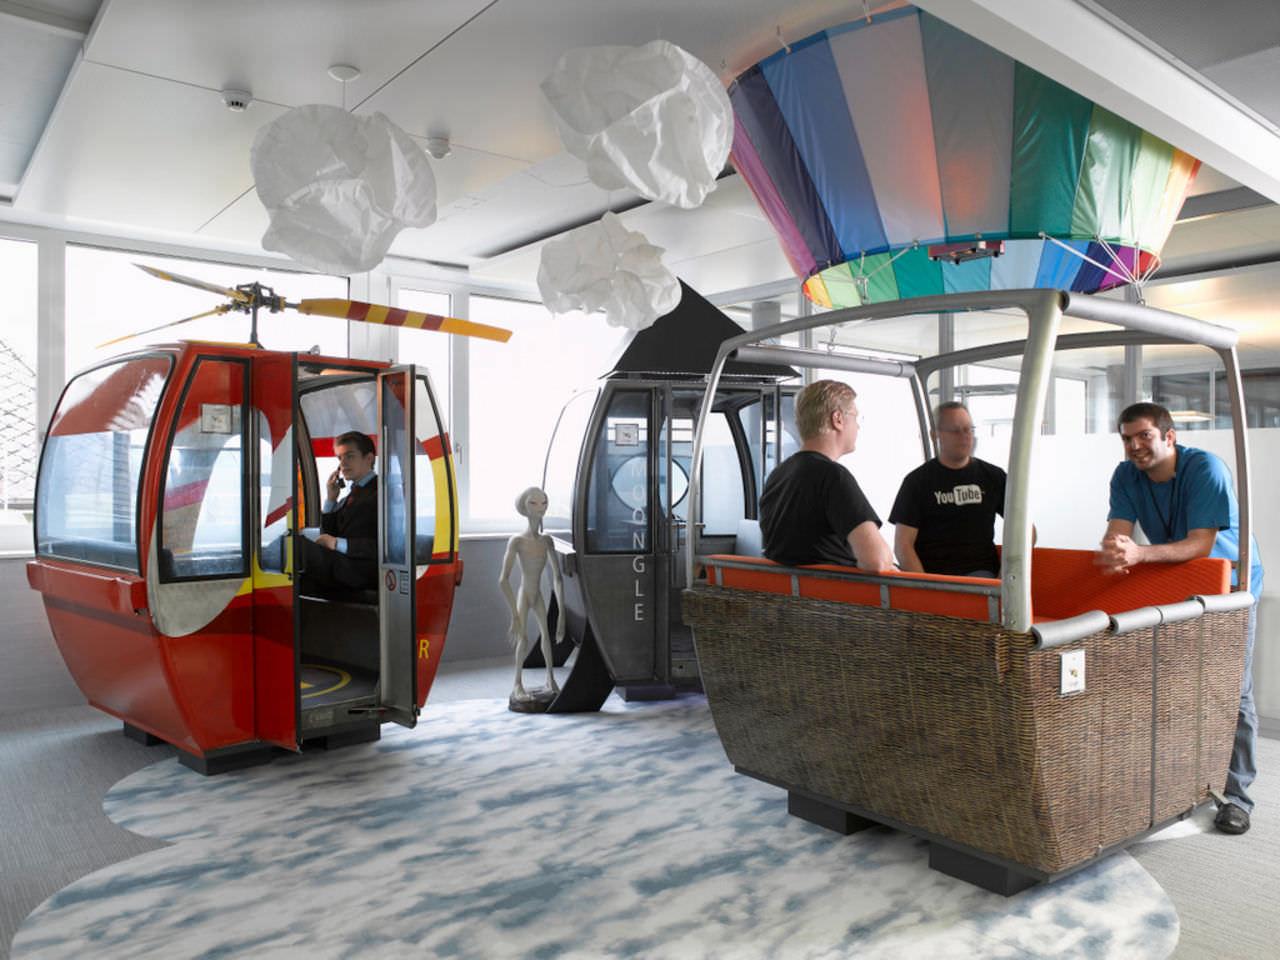 Креативный офис в кабинках от подвесной канатной дороги